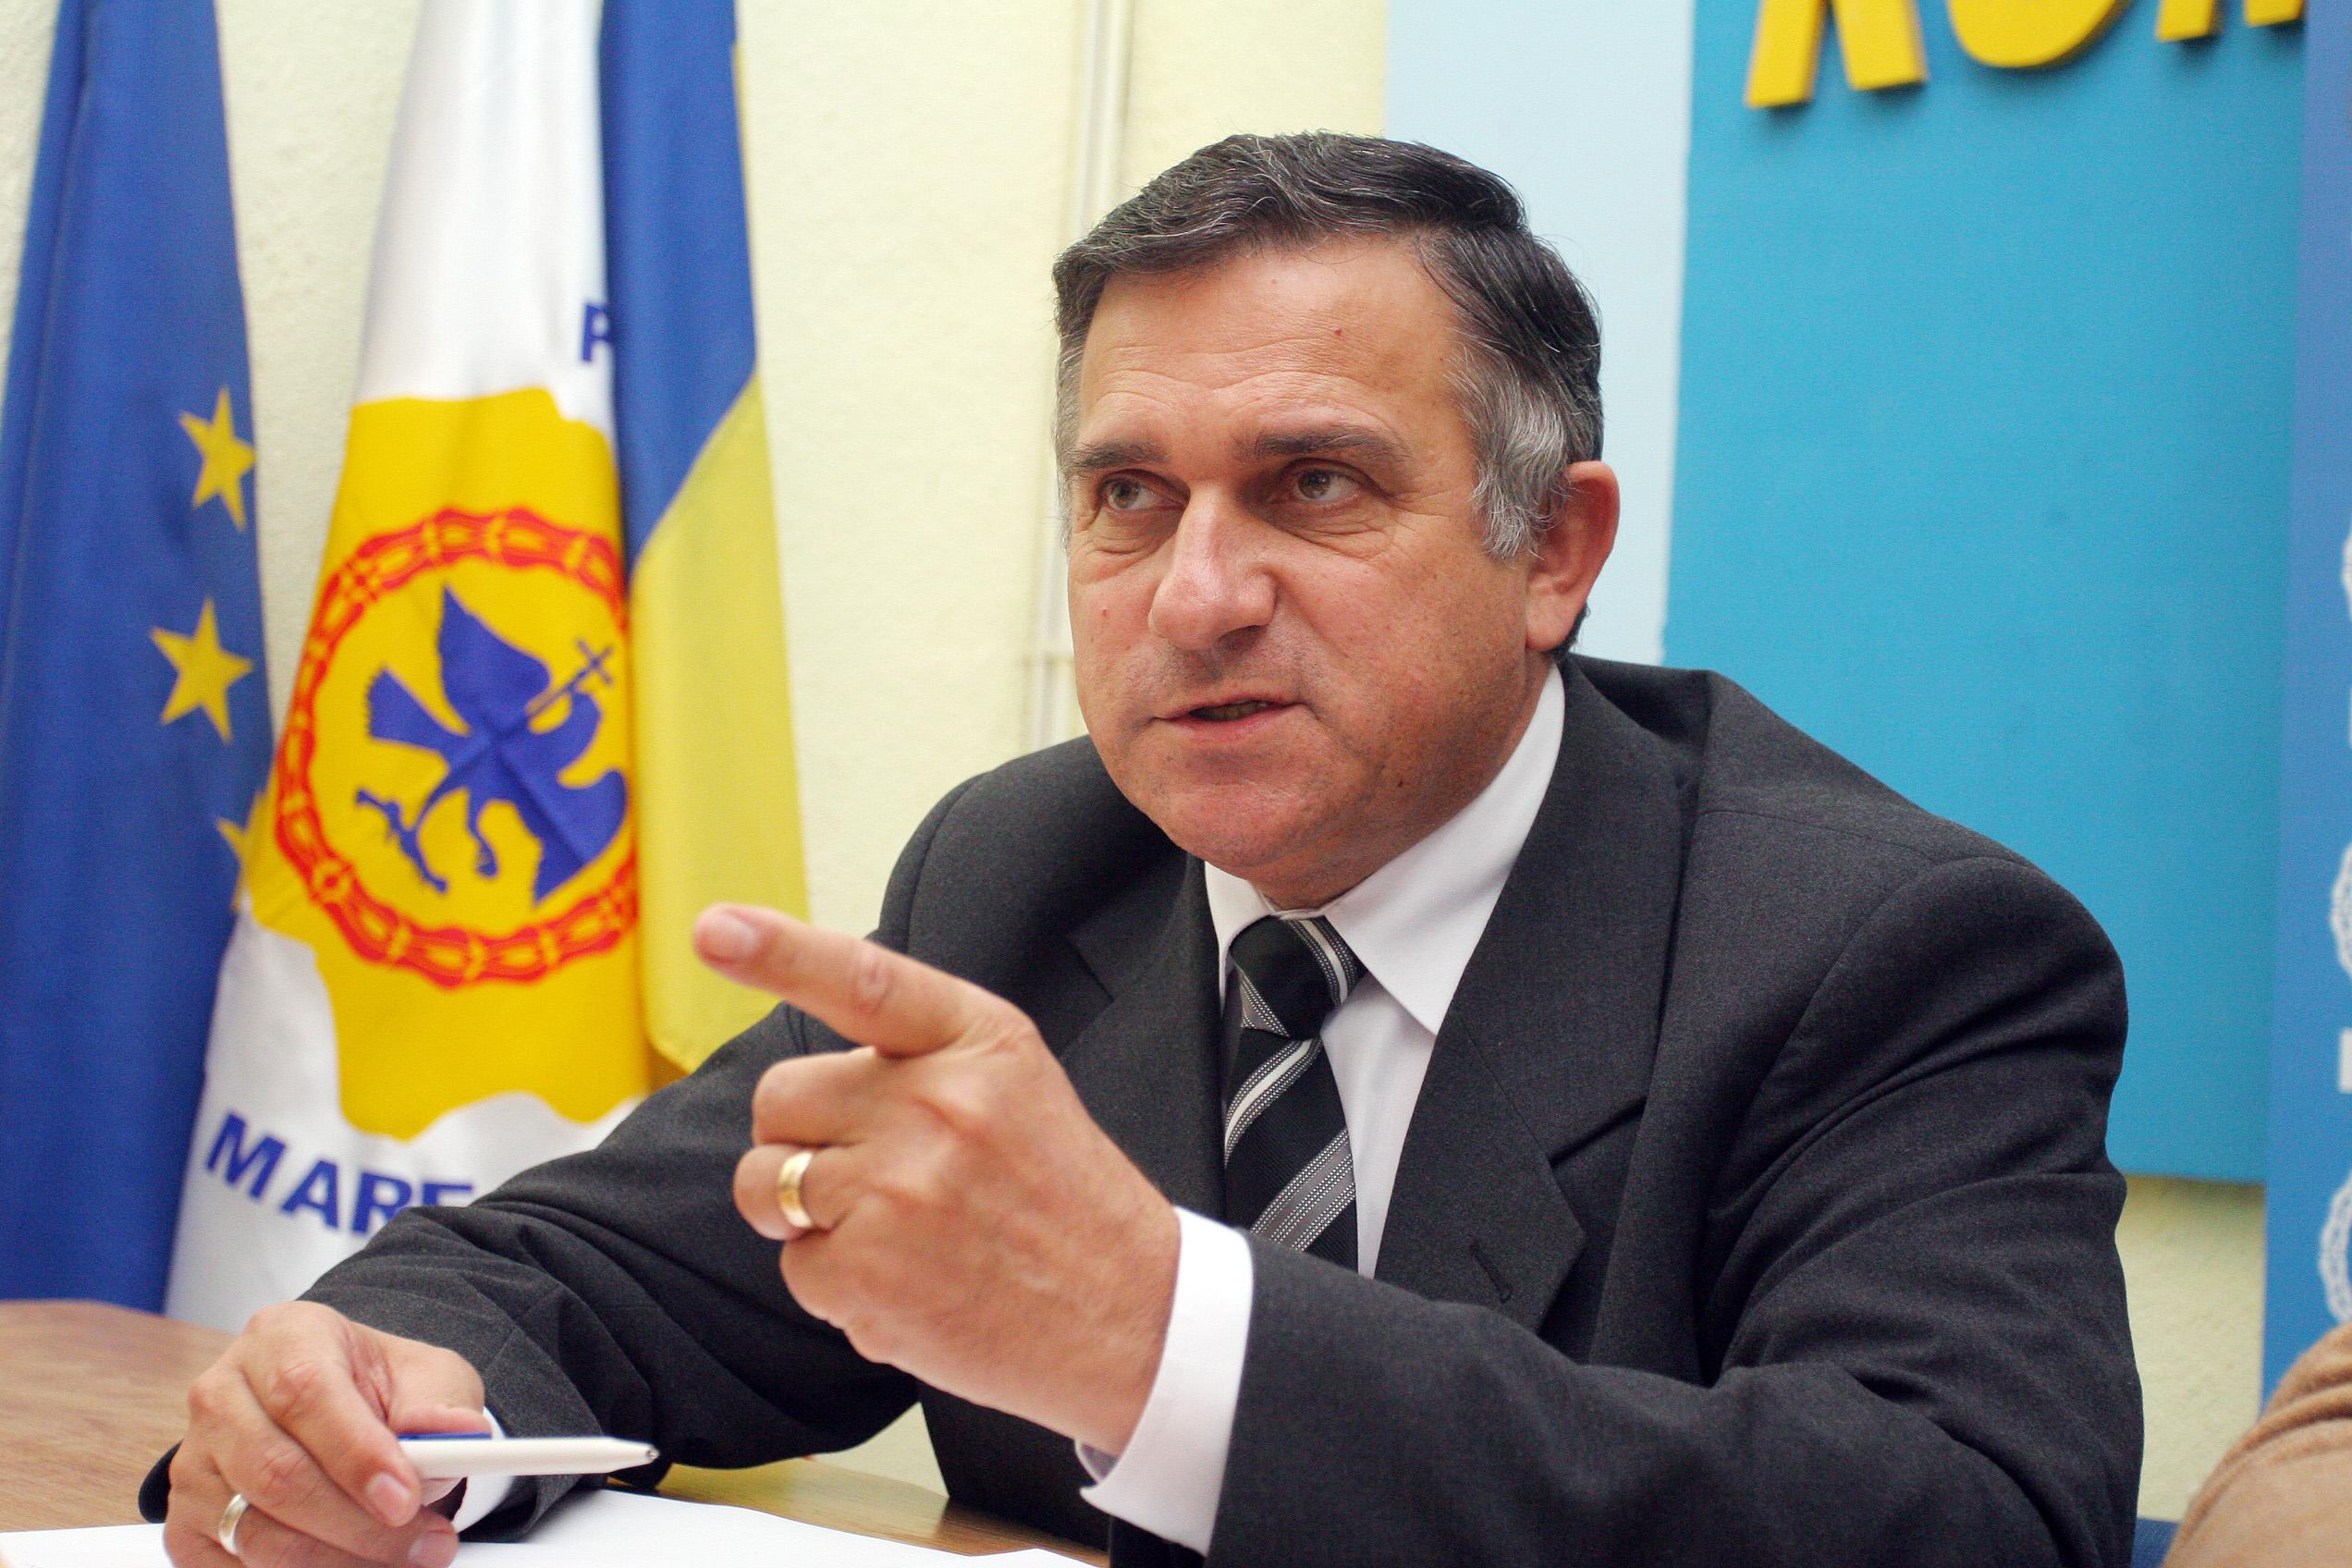 Un autoturism cu afisele electorale ale lui Gheorghe Funar, la sediul DNA